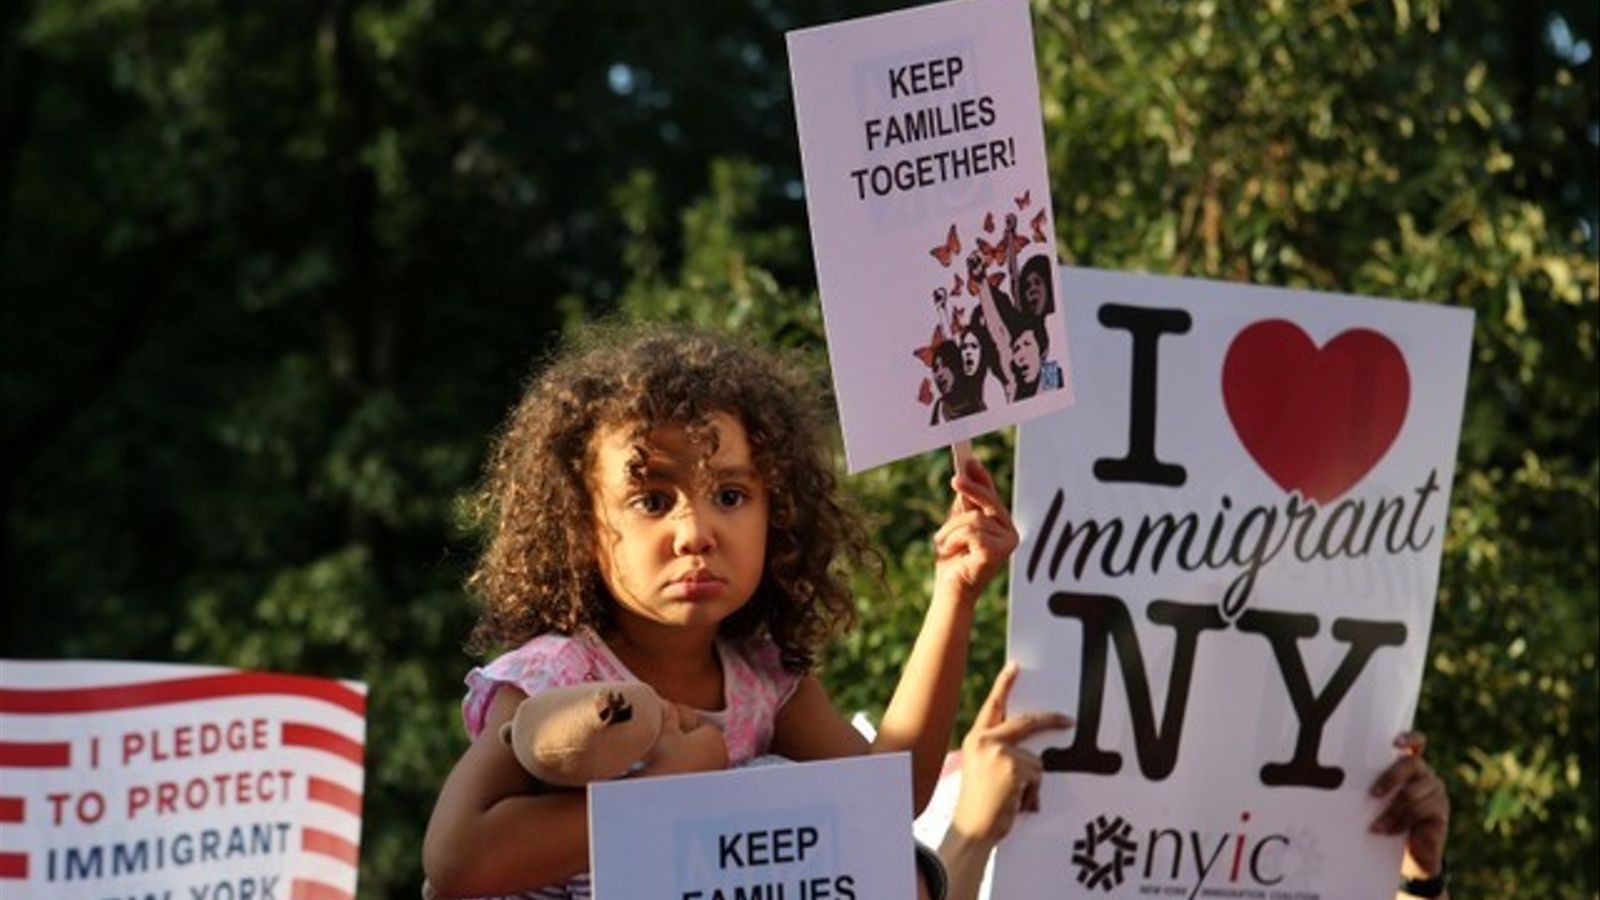 Una nena protesta per la decisió del govern nord-americà de separar les famílies migrants.